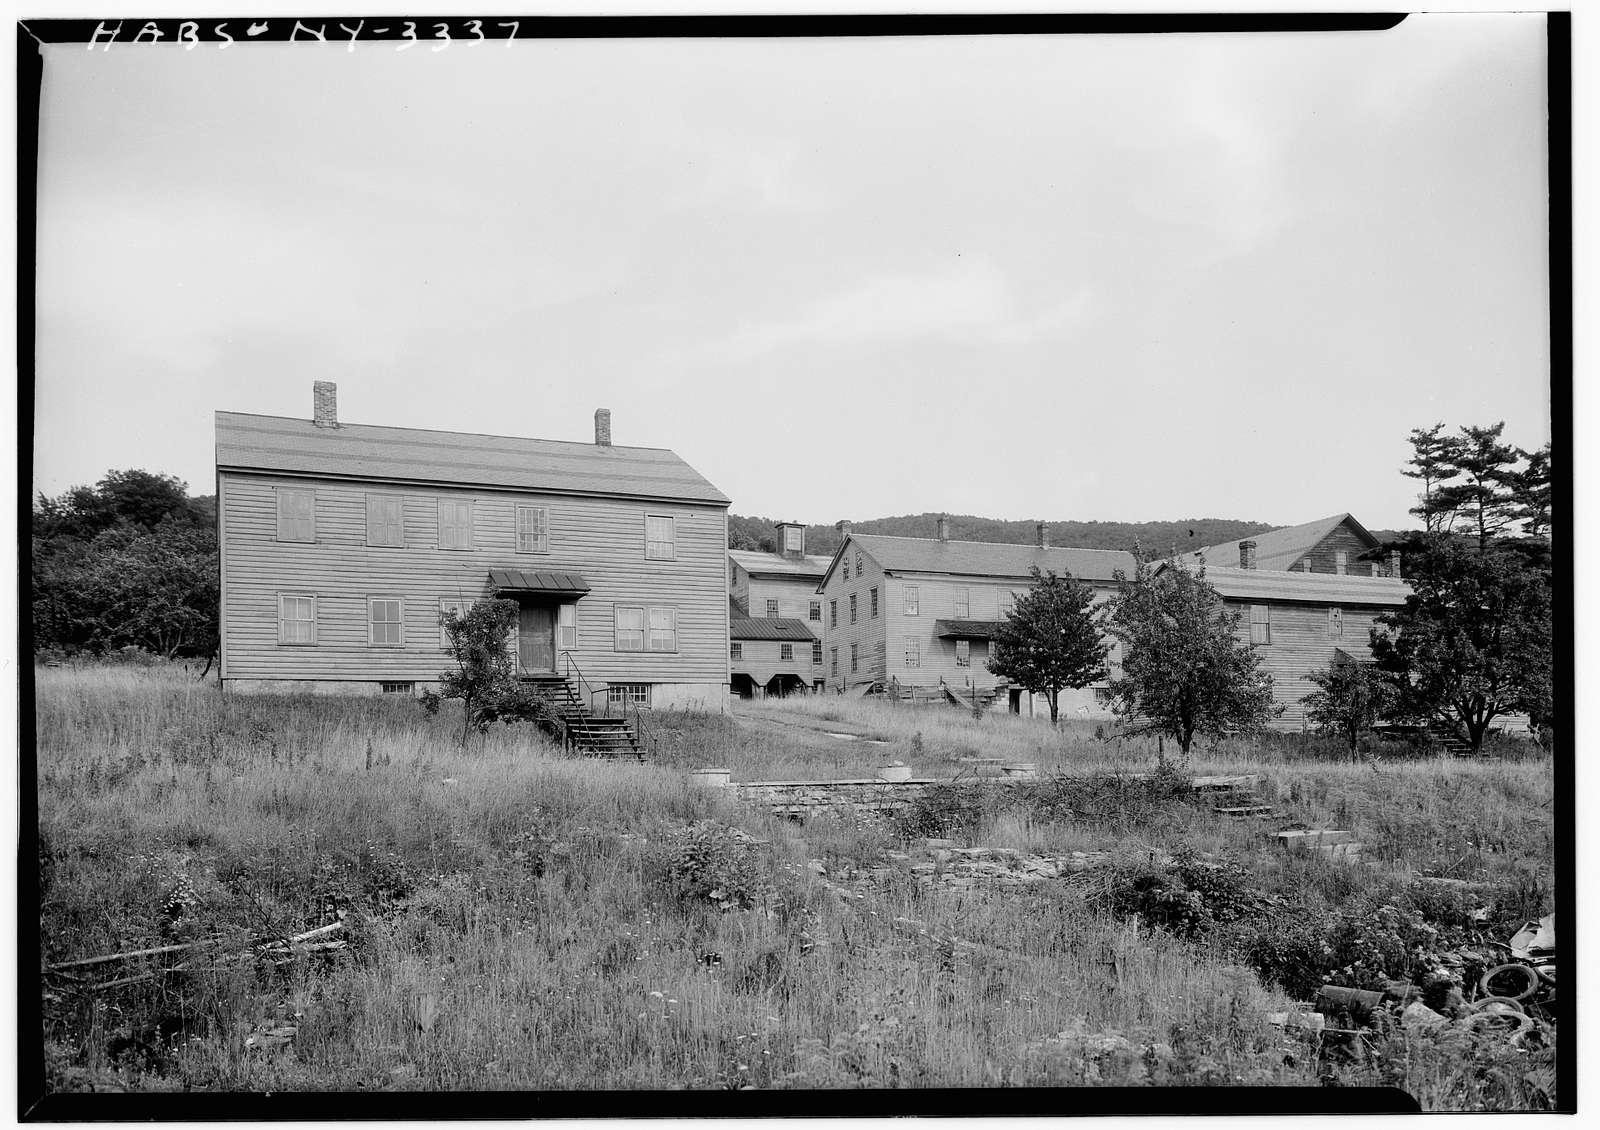 Shaker Centre Family (General View), Shaker Road, New Lebanon, Columbia County, NY